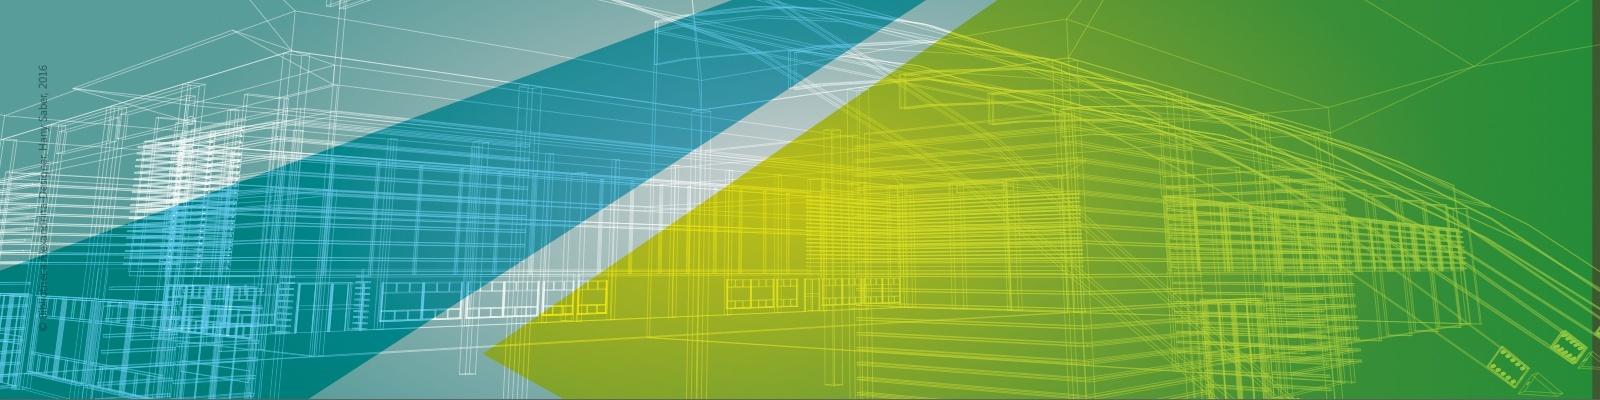 مسابقة مدينة العلوم الدولية للعمارة